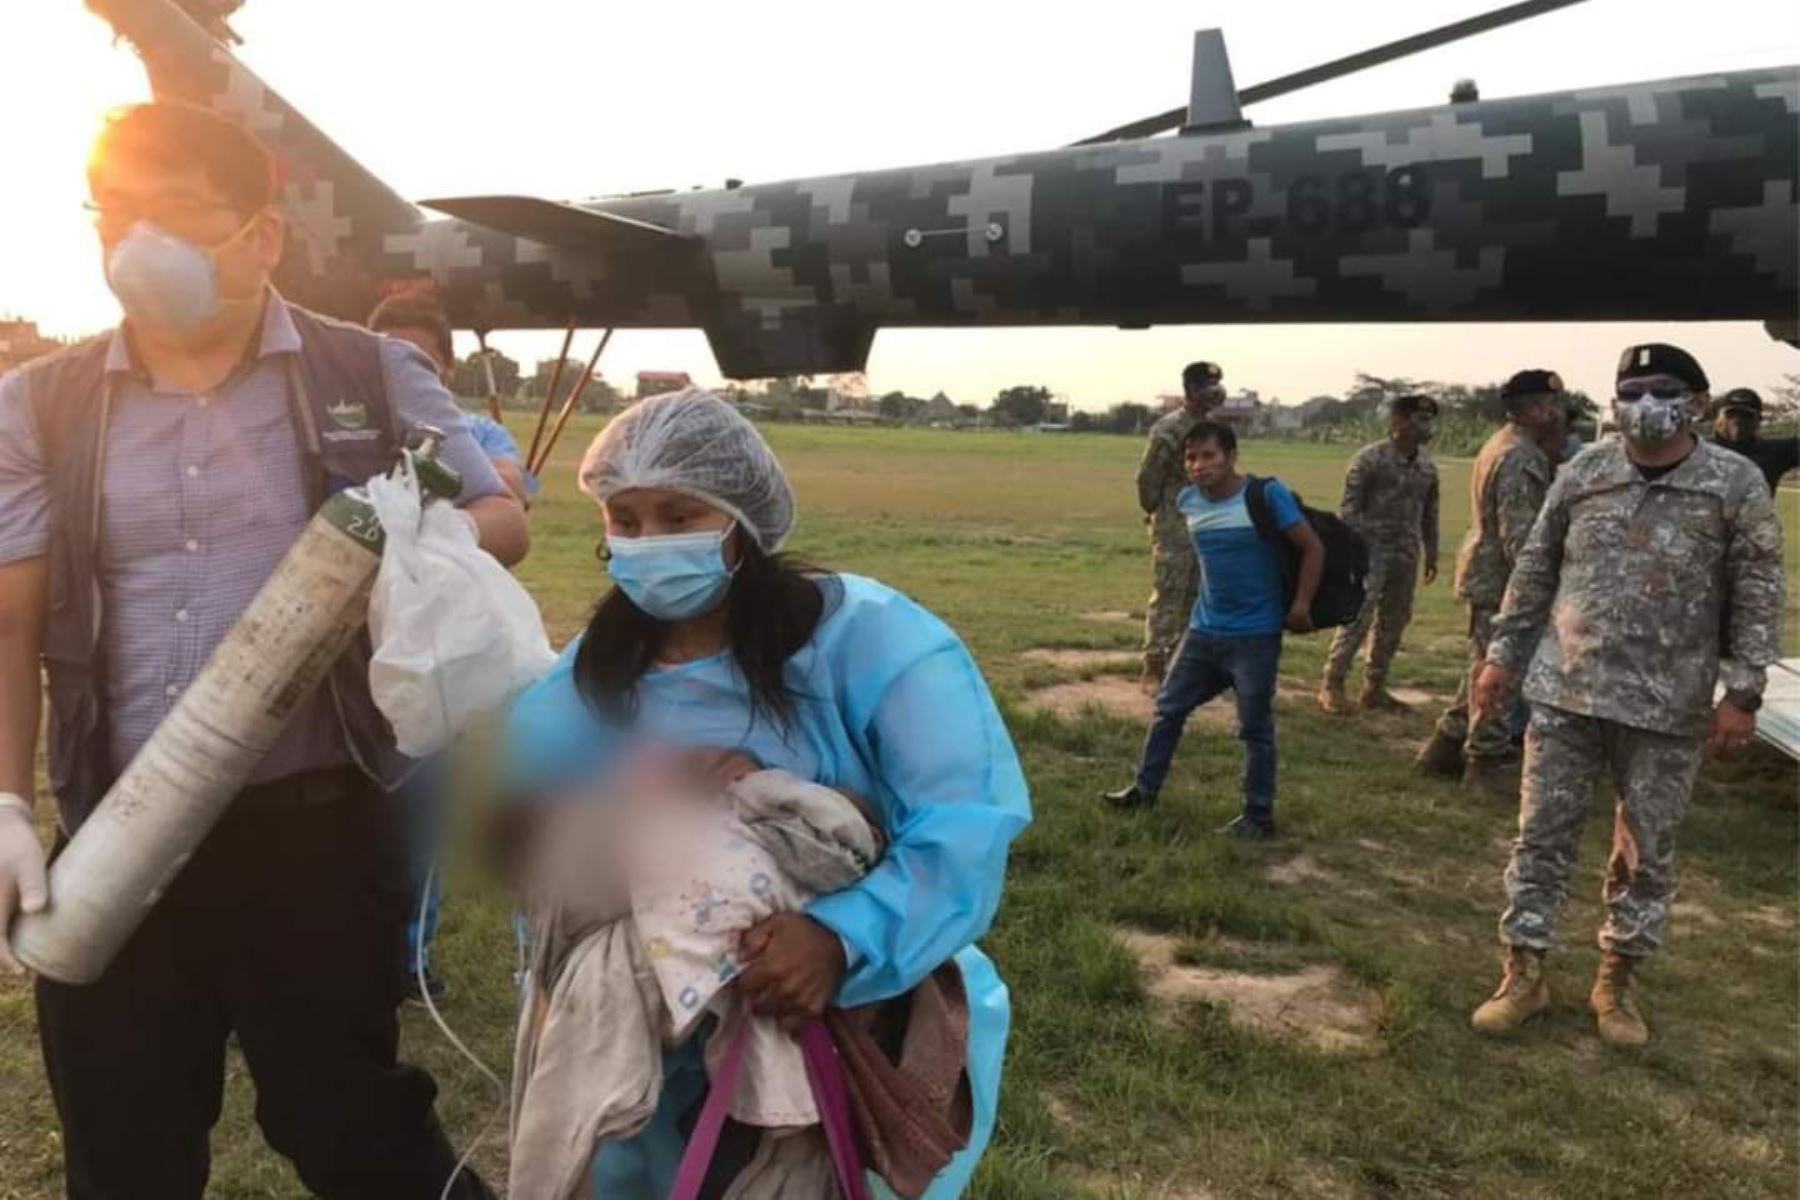 Cuatro menores de edad (tres de ellos con neumonía y uno con posible fractura de cadera) de la Comunidad Nativa Maizal fueron trasladados en helicóptero del Ejército desde la Comunidad Nativa Yomibato hacia Puerto Maldonado para recibir atención médica especializada. Foto: Minsa